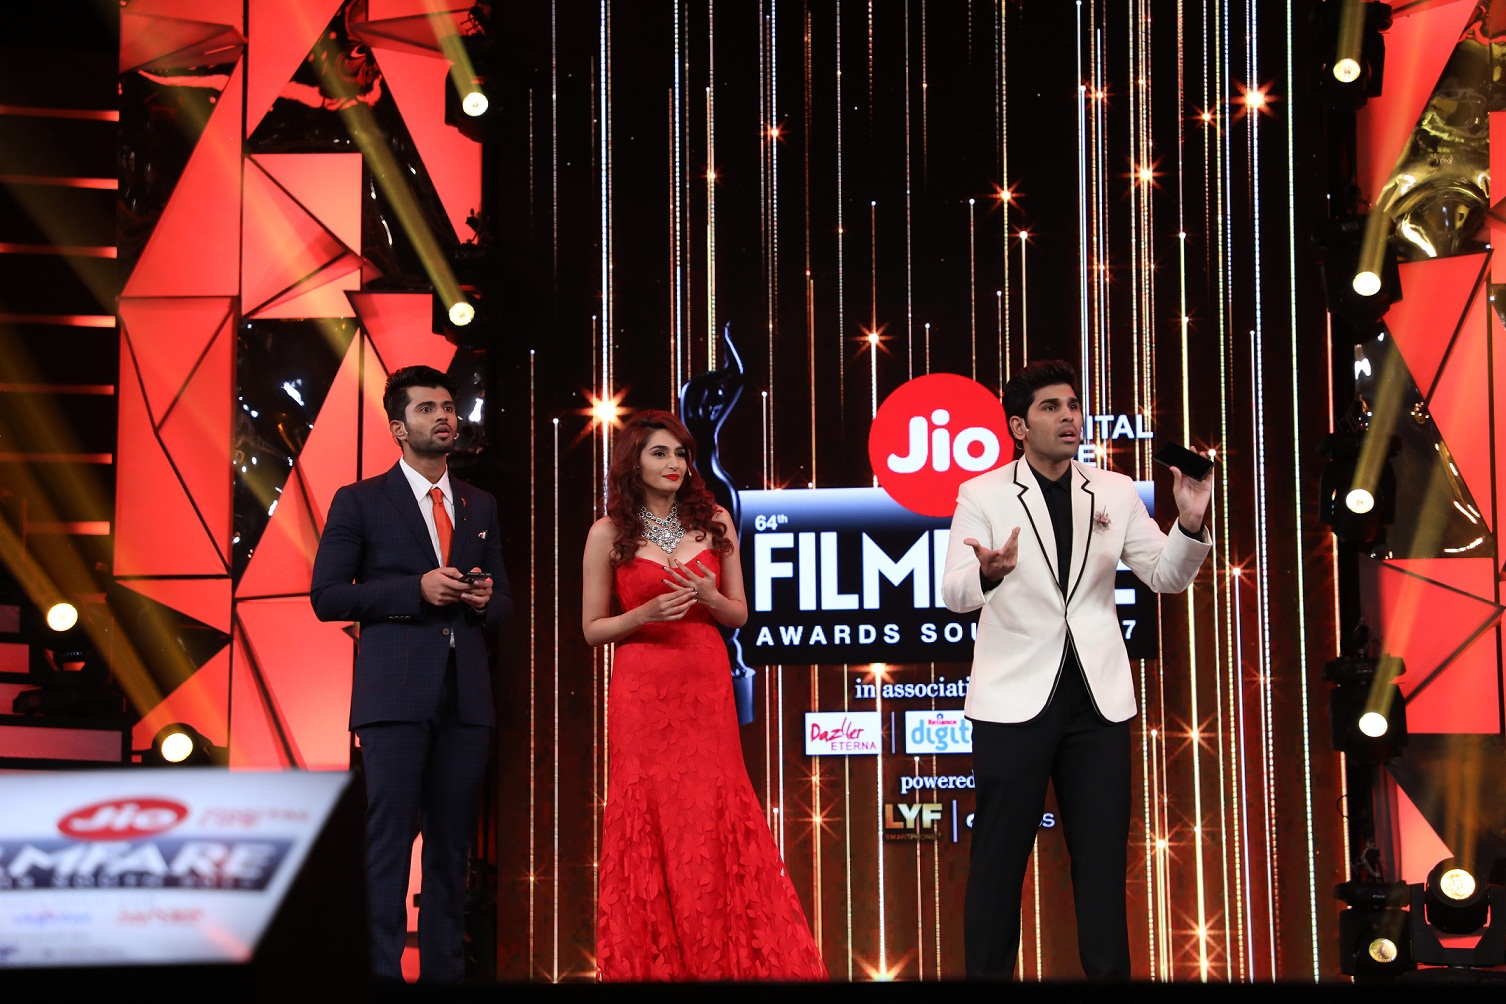 Allu Sirish Ragini Dwivedi and Vijay Deverakonda hosting the at 64th JIO Filmfare Awards South 2017